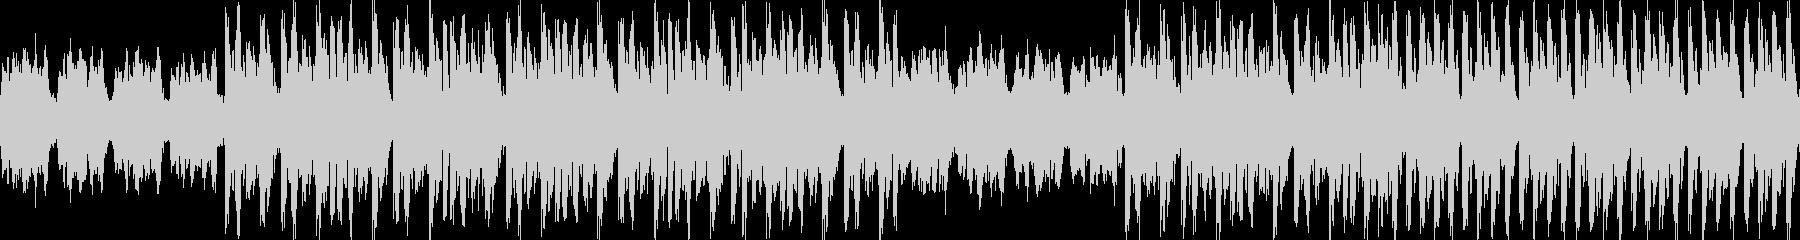 不穏な雰囲気のアルペジオBGMの未再生の波形